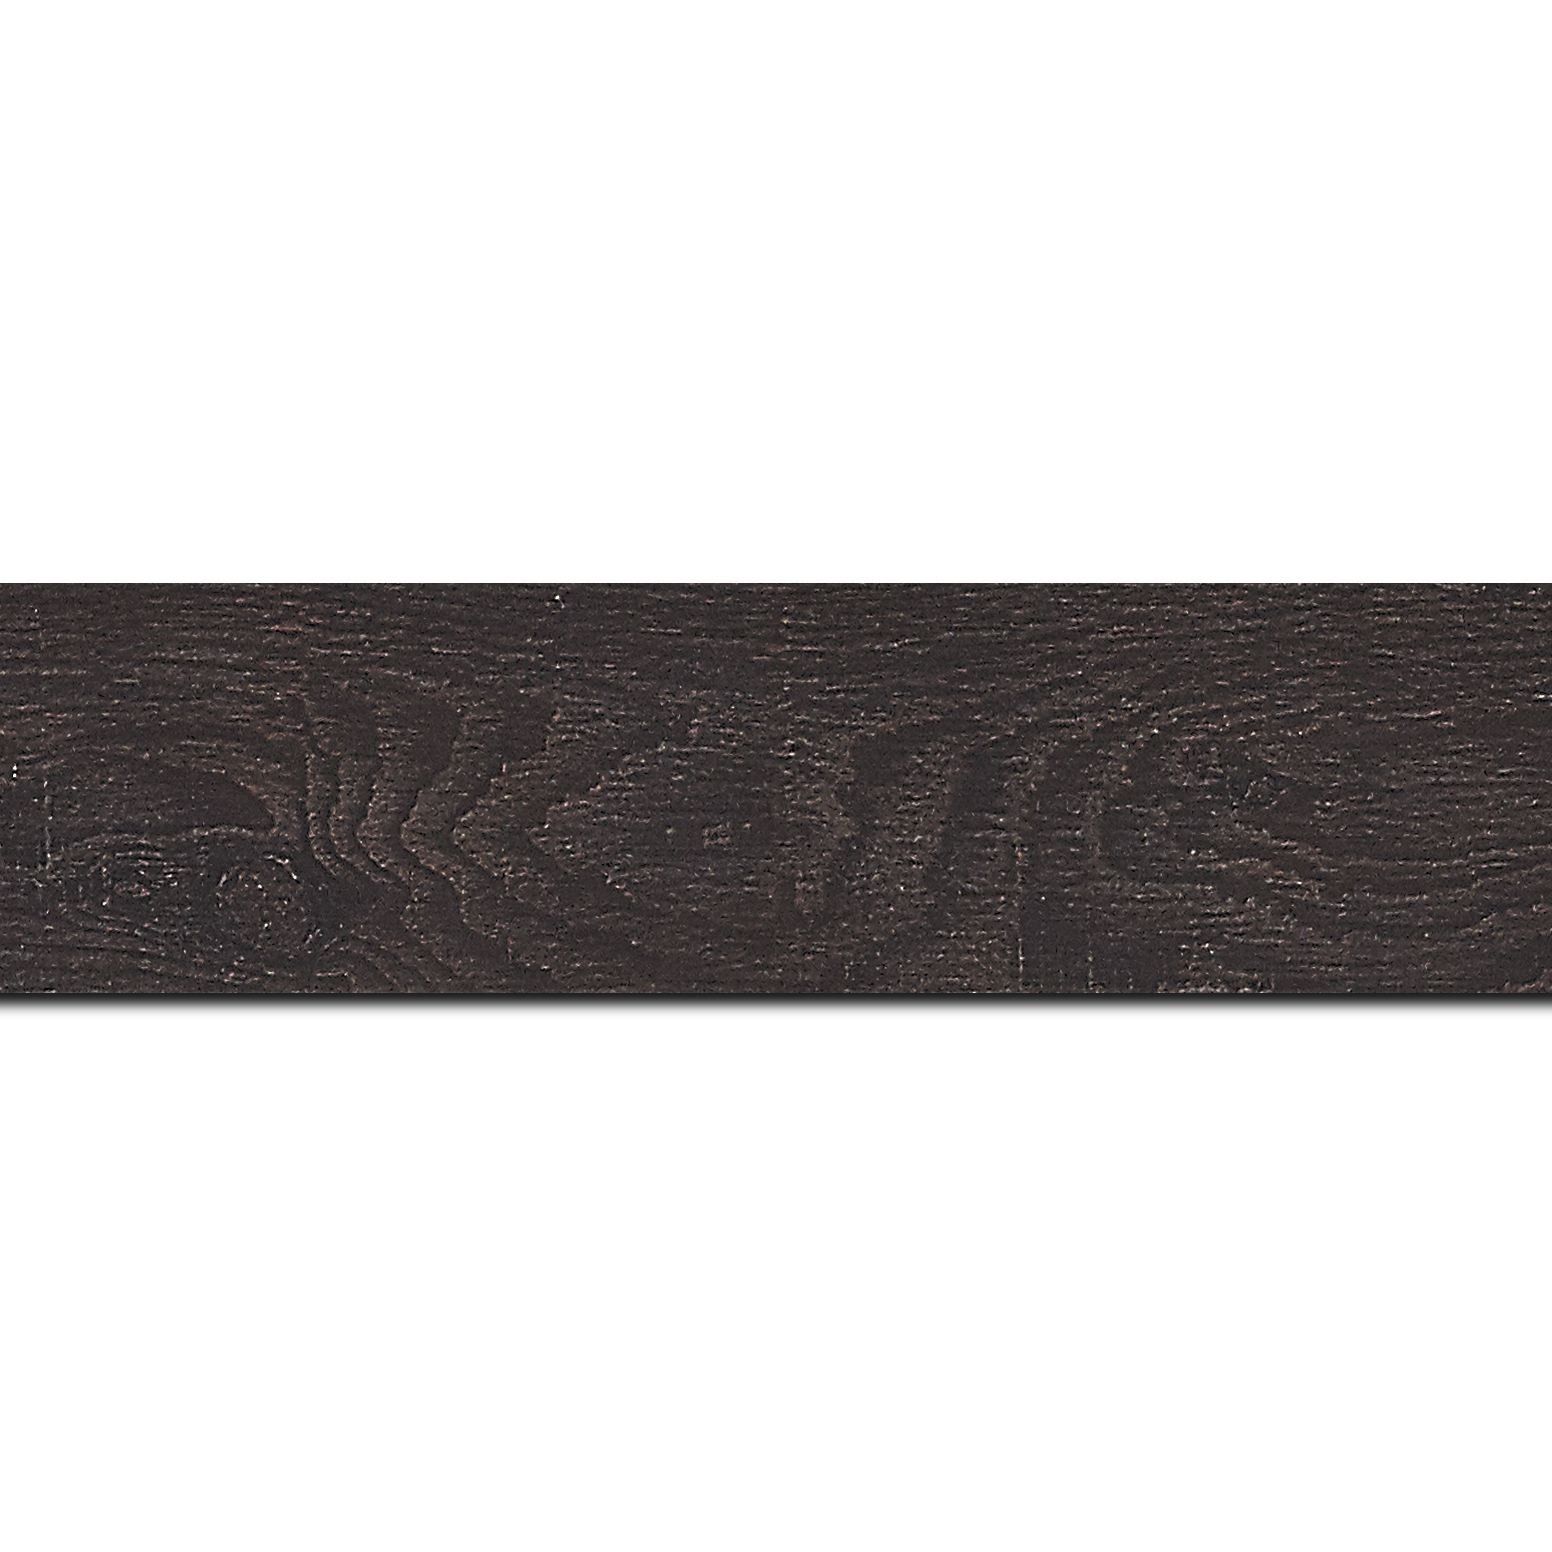 Baguette longueur 1.40m bois profil plat largeur 4.2cm décor bois wengé foncé